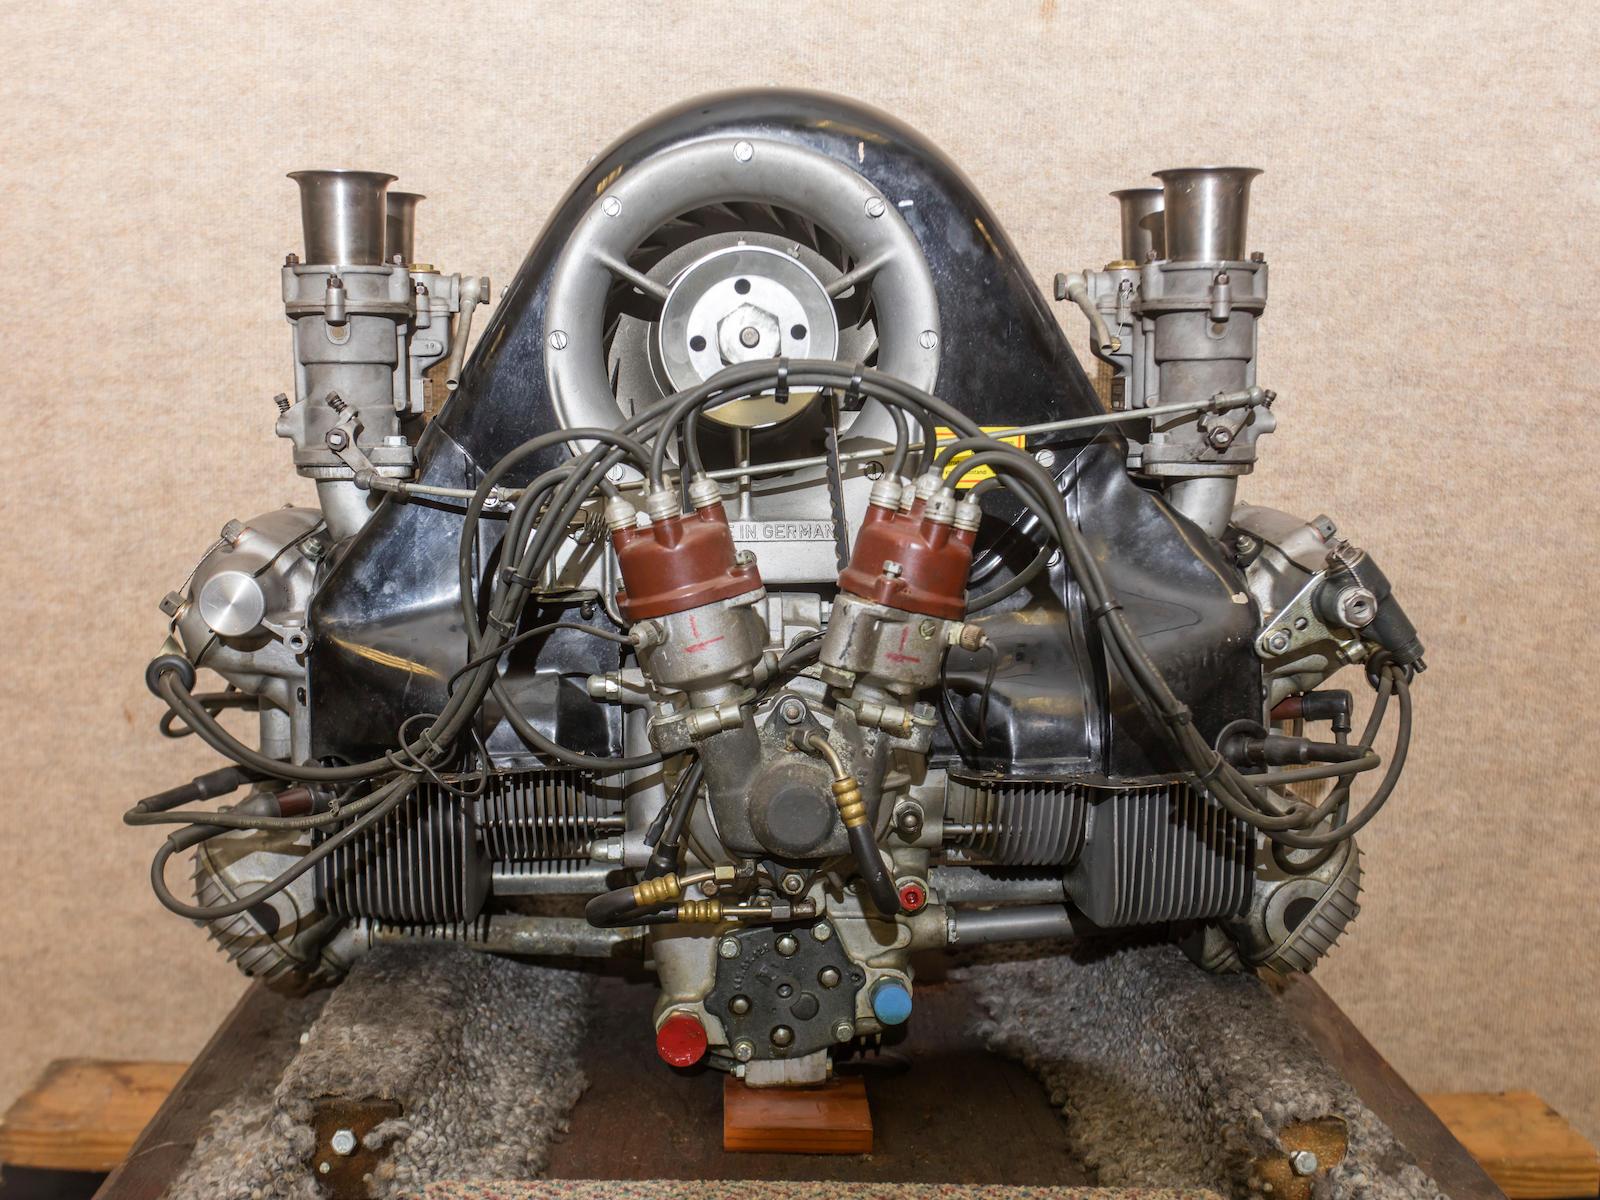 1959 Porsche 718 RSK engine